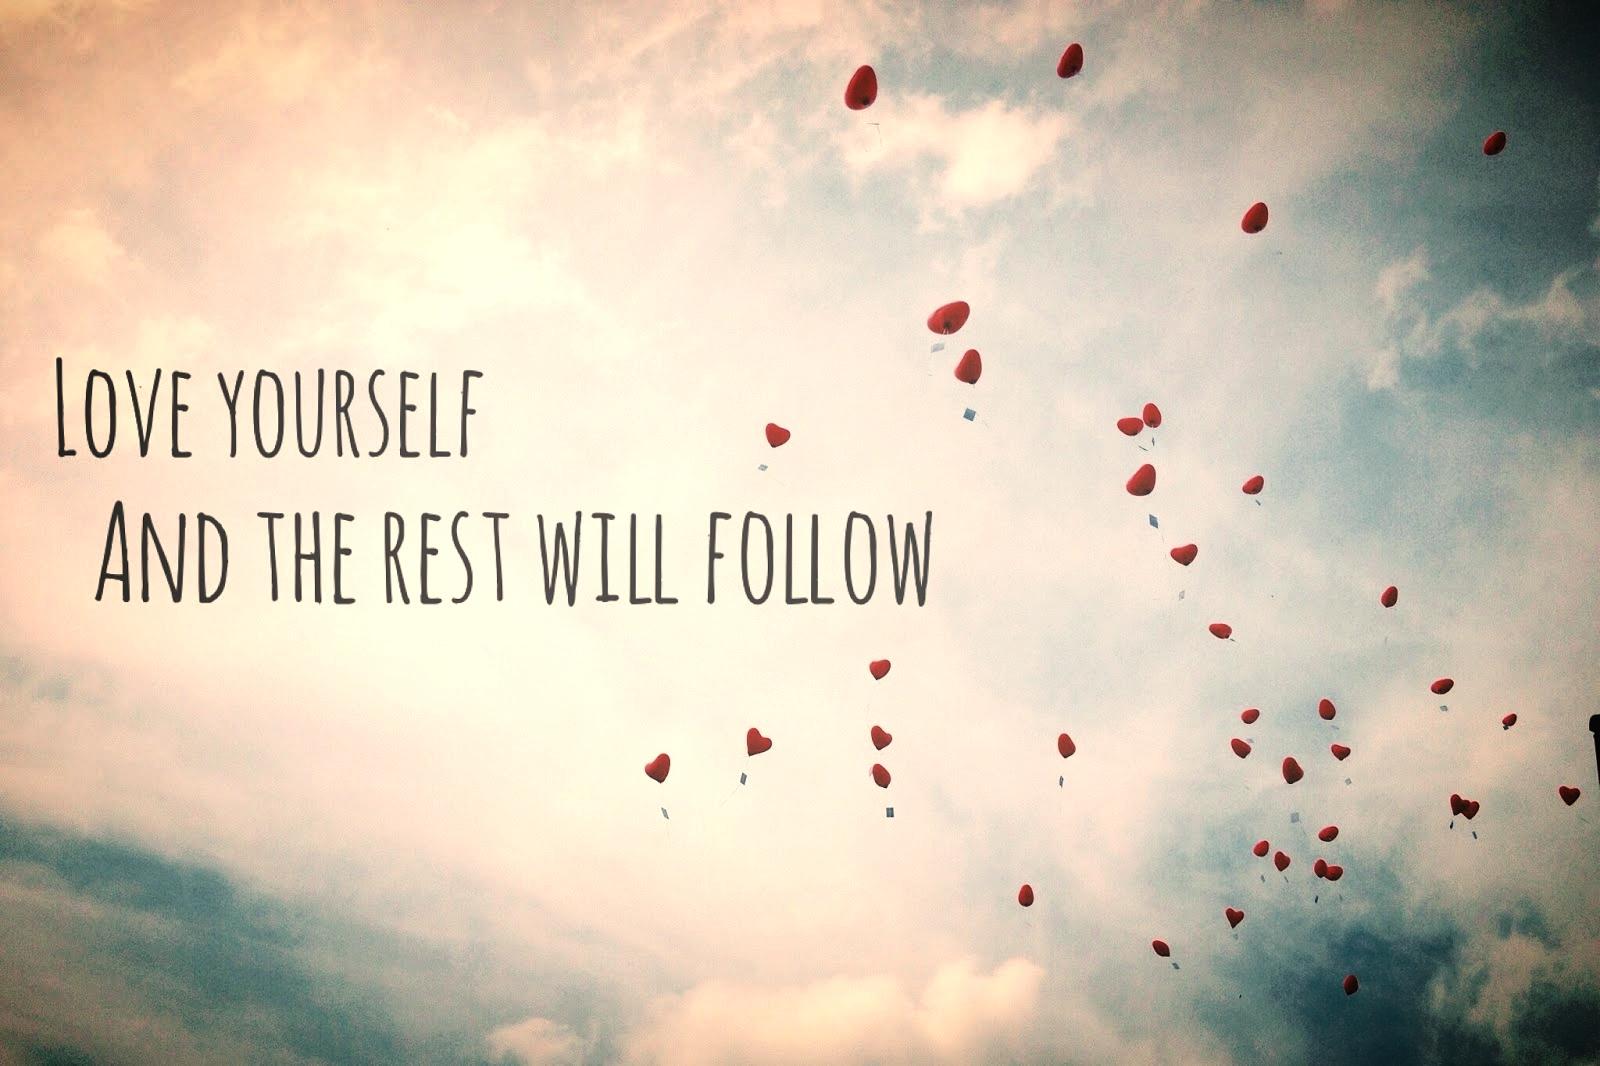 Wer sich selbst liebt, lässt seine Wünsche nicht in die Luft steigen, sondern in sein Herz.